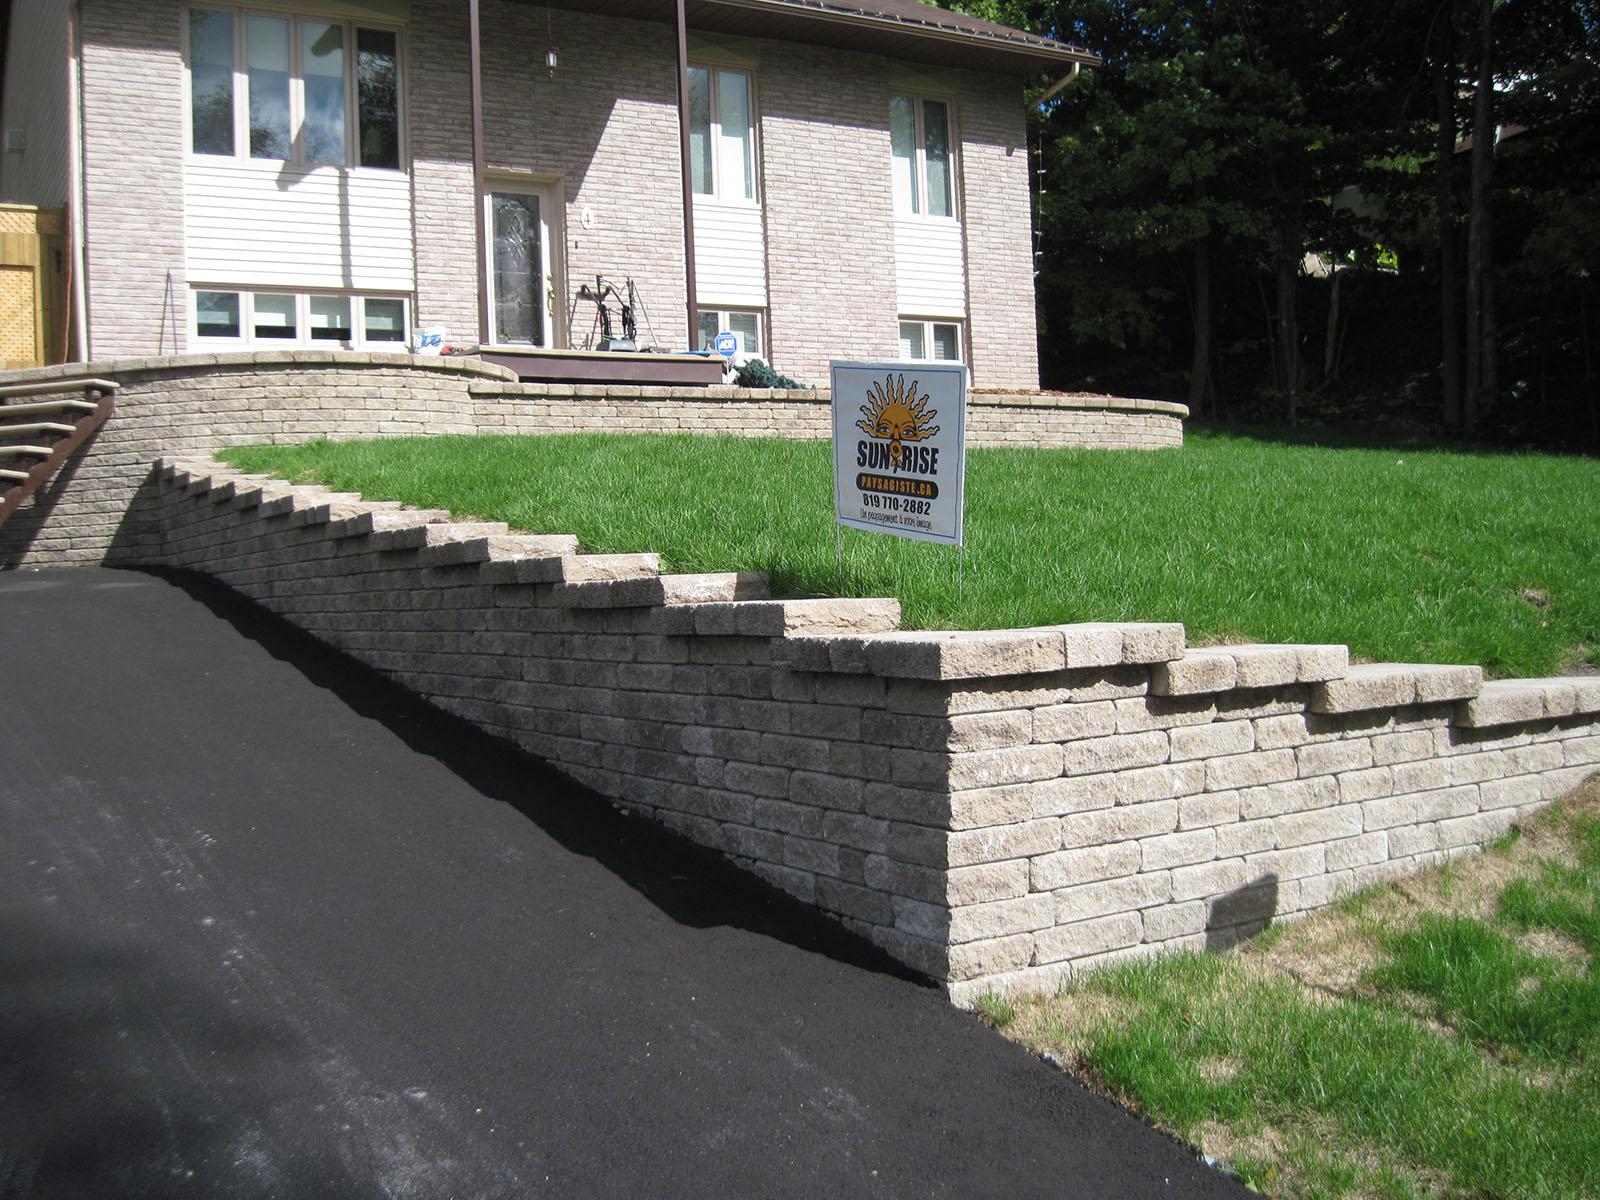 Mur de soutènement example 3